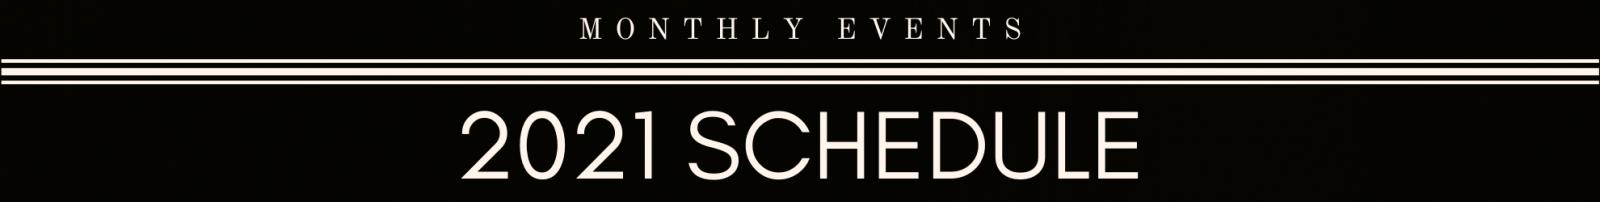 Copy of Schedule Header